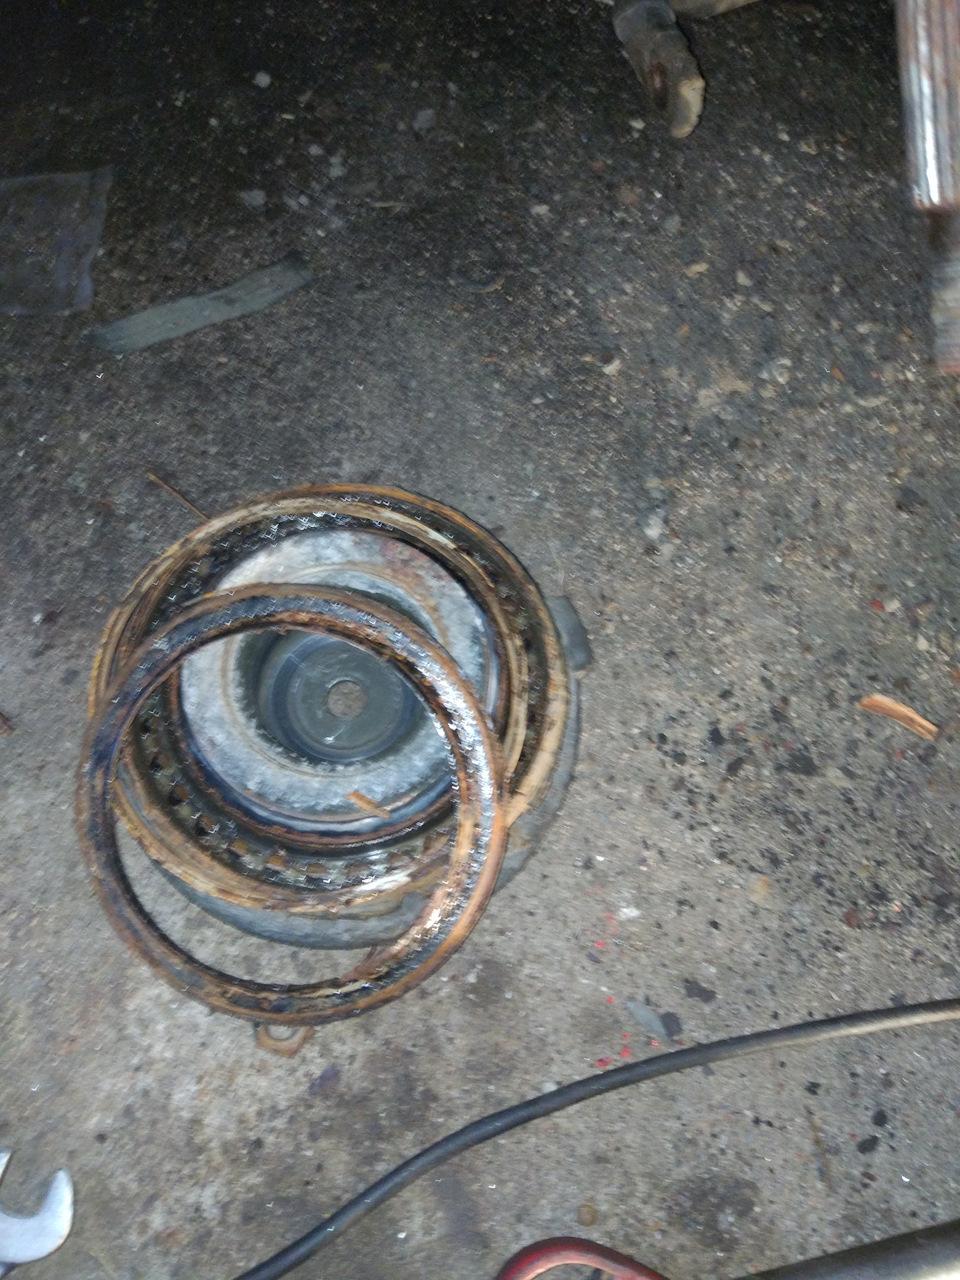 Замена опорных подшипников, пердних пружин и опор передних стоек аммотризаторов